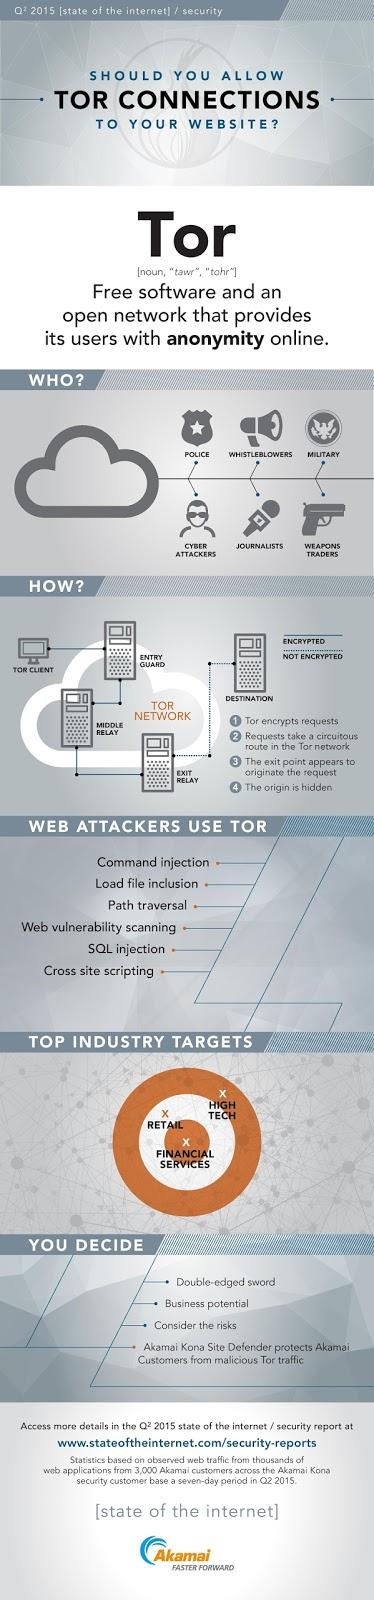 ¿Debemos bloquear a los usuarios de TOR en nuestra web?